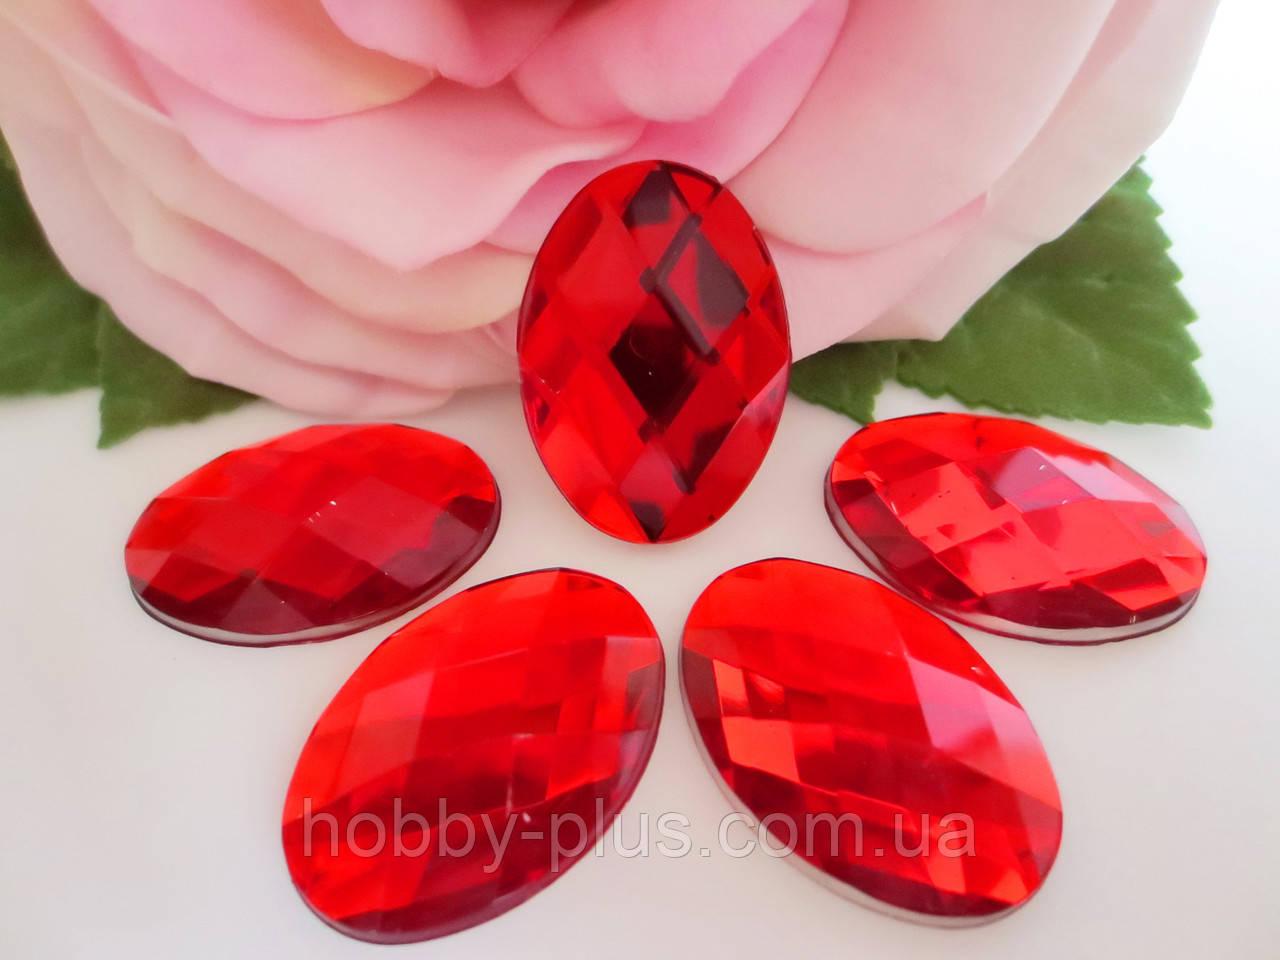 Камень клеевой, 18х25 мм, цвет красный